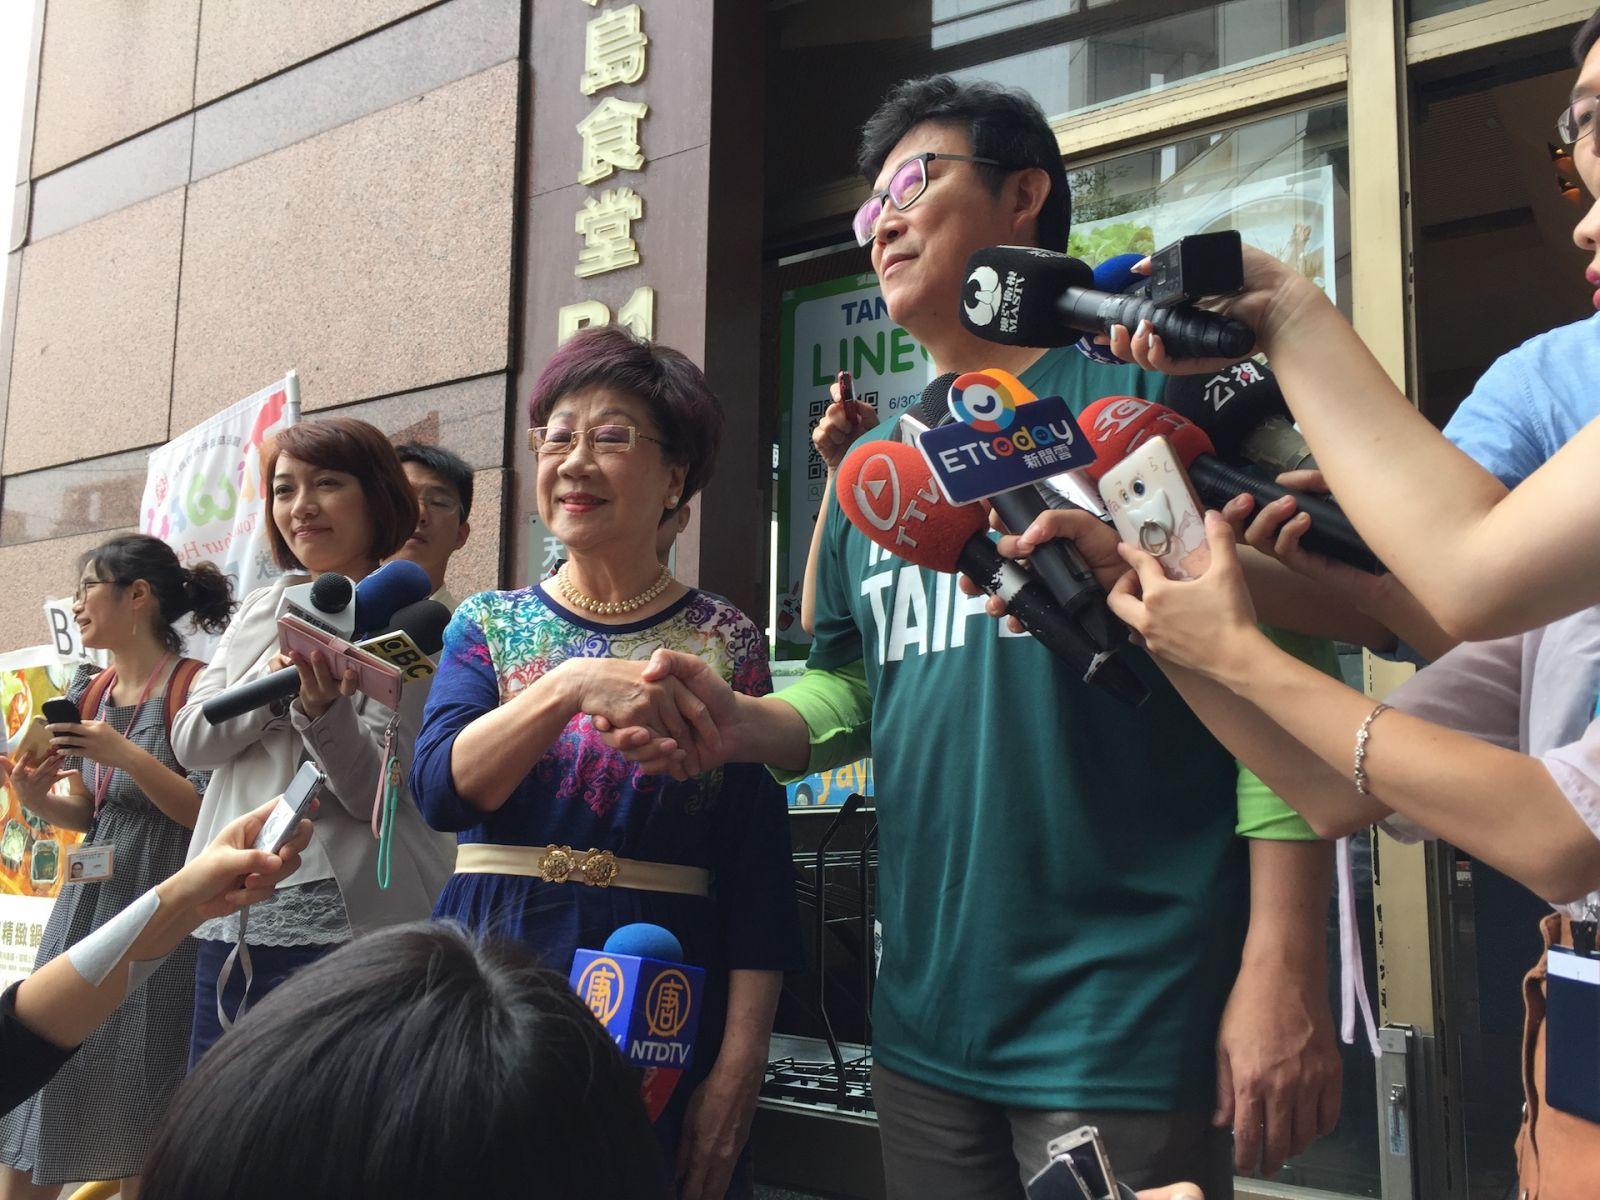 民進黨北市要提名誰?姚文智、呂秀蓮週六將辦電視政見會